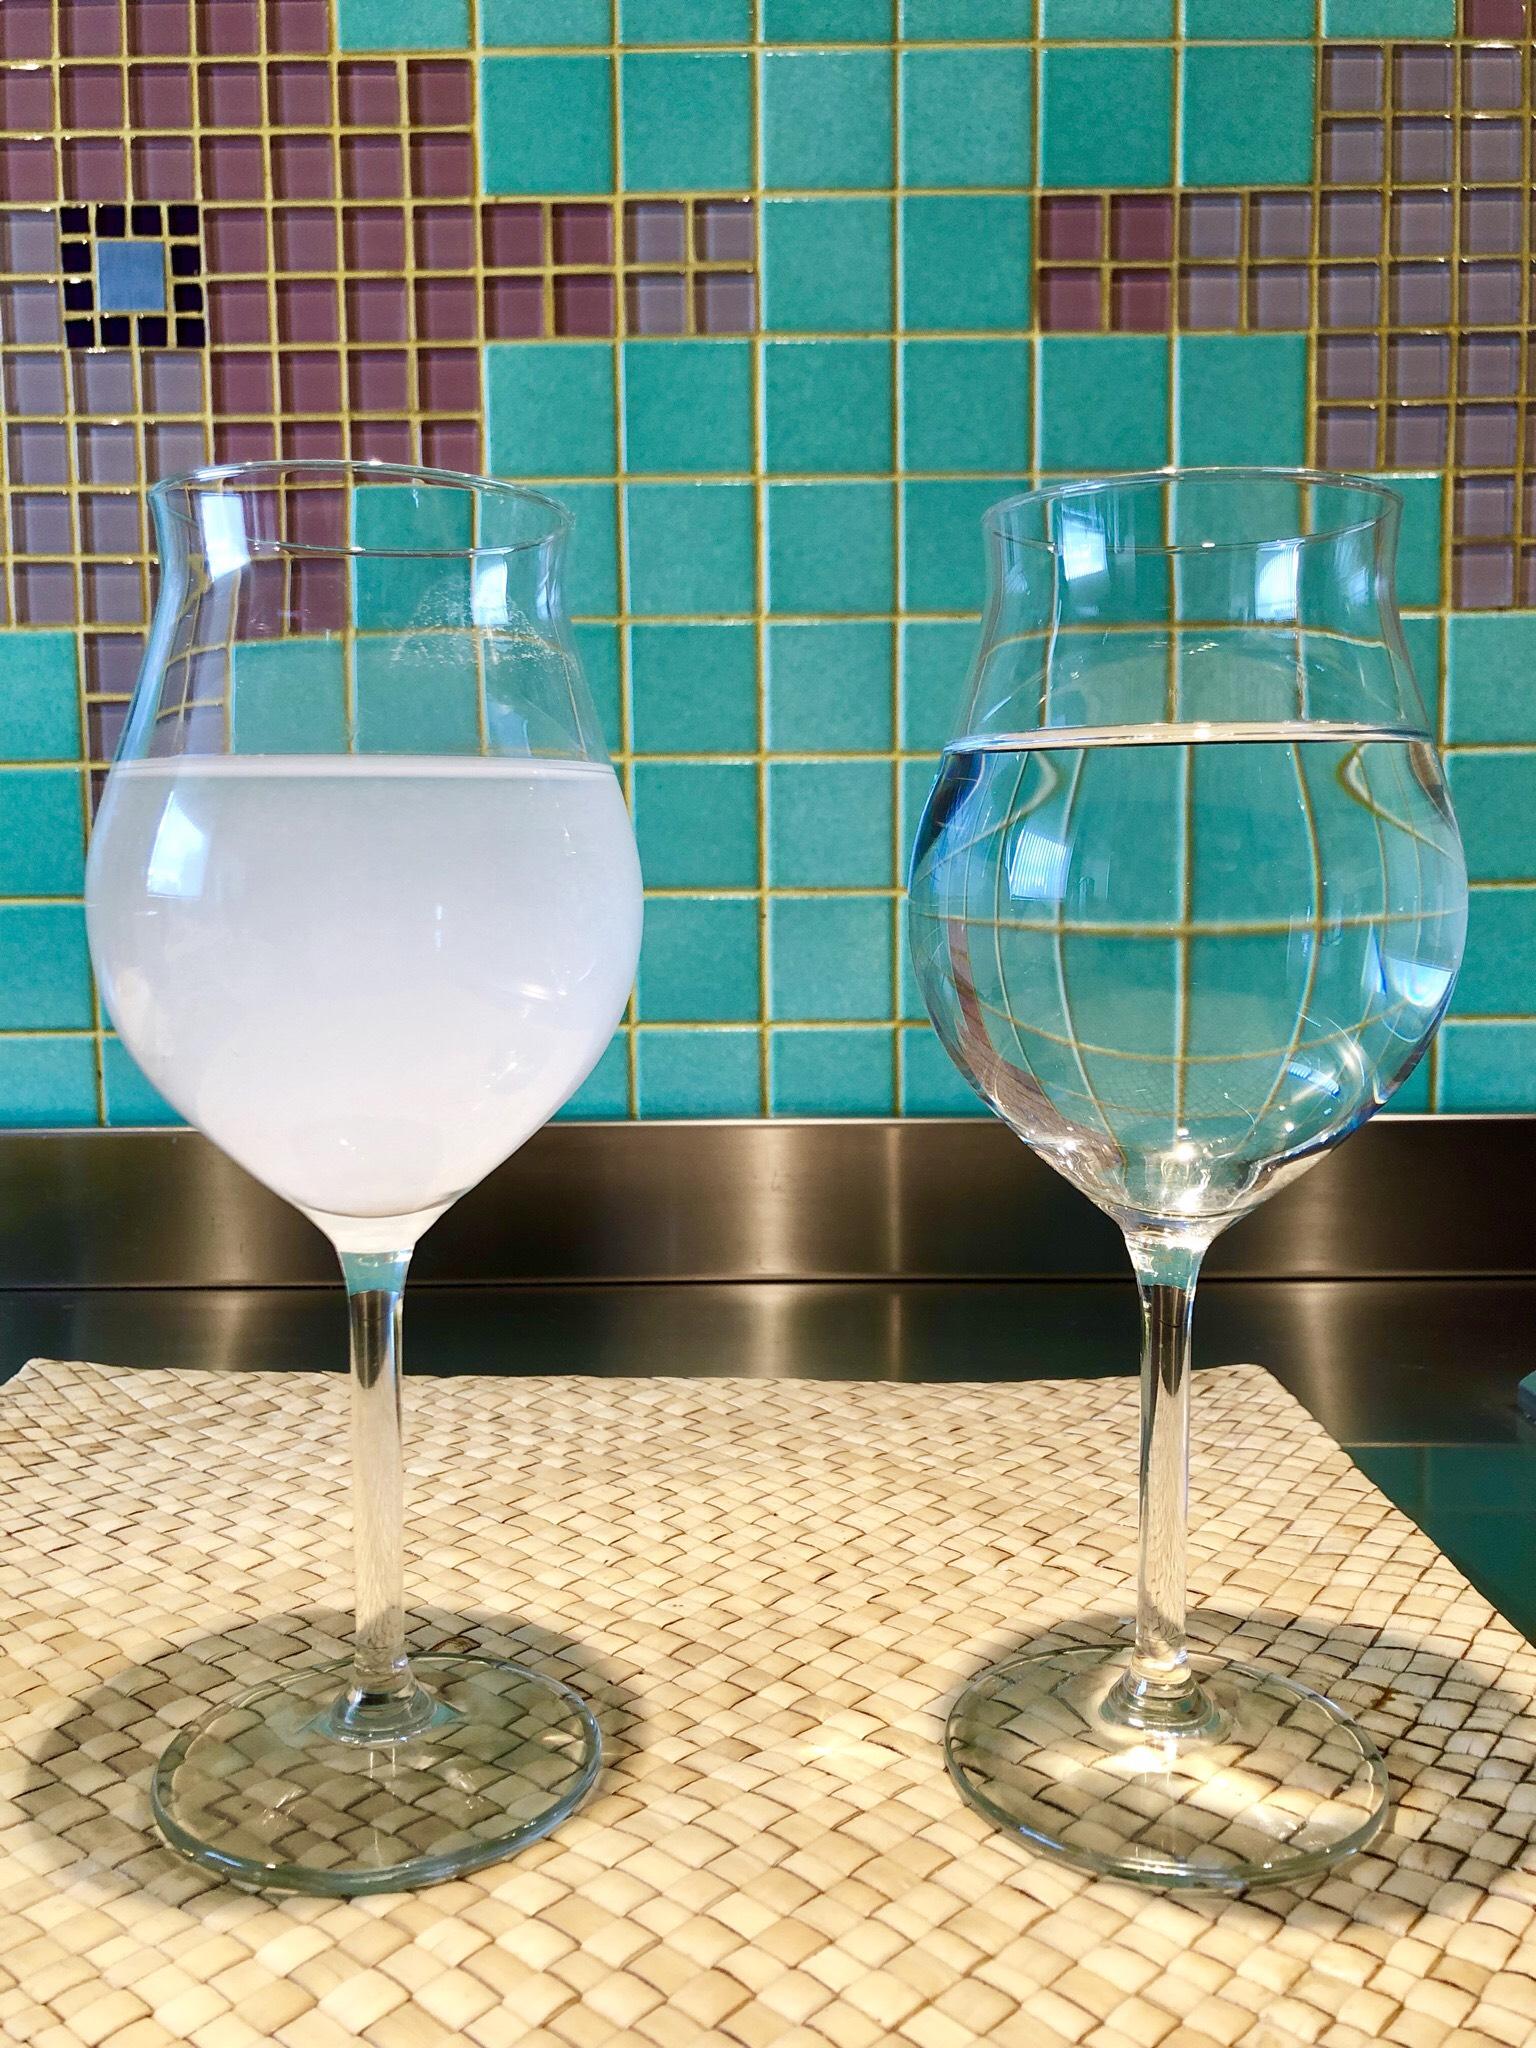 se bevi acqua non potabile